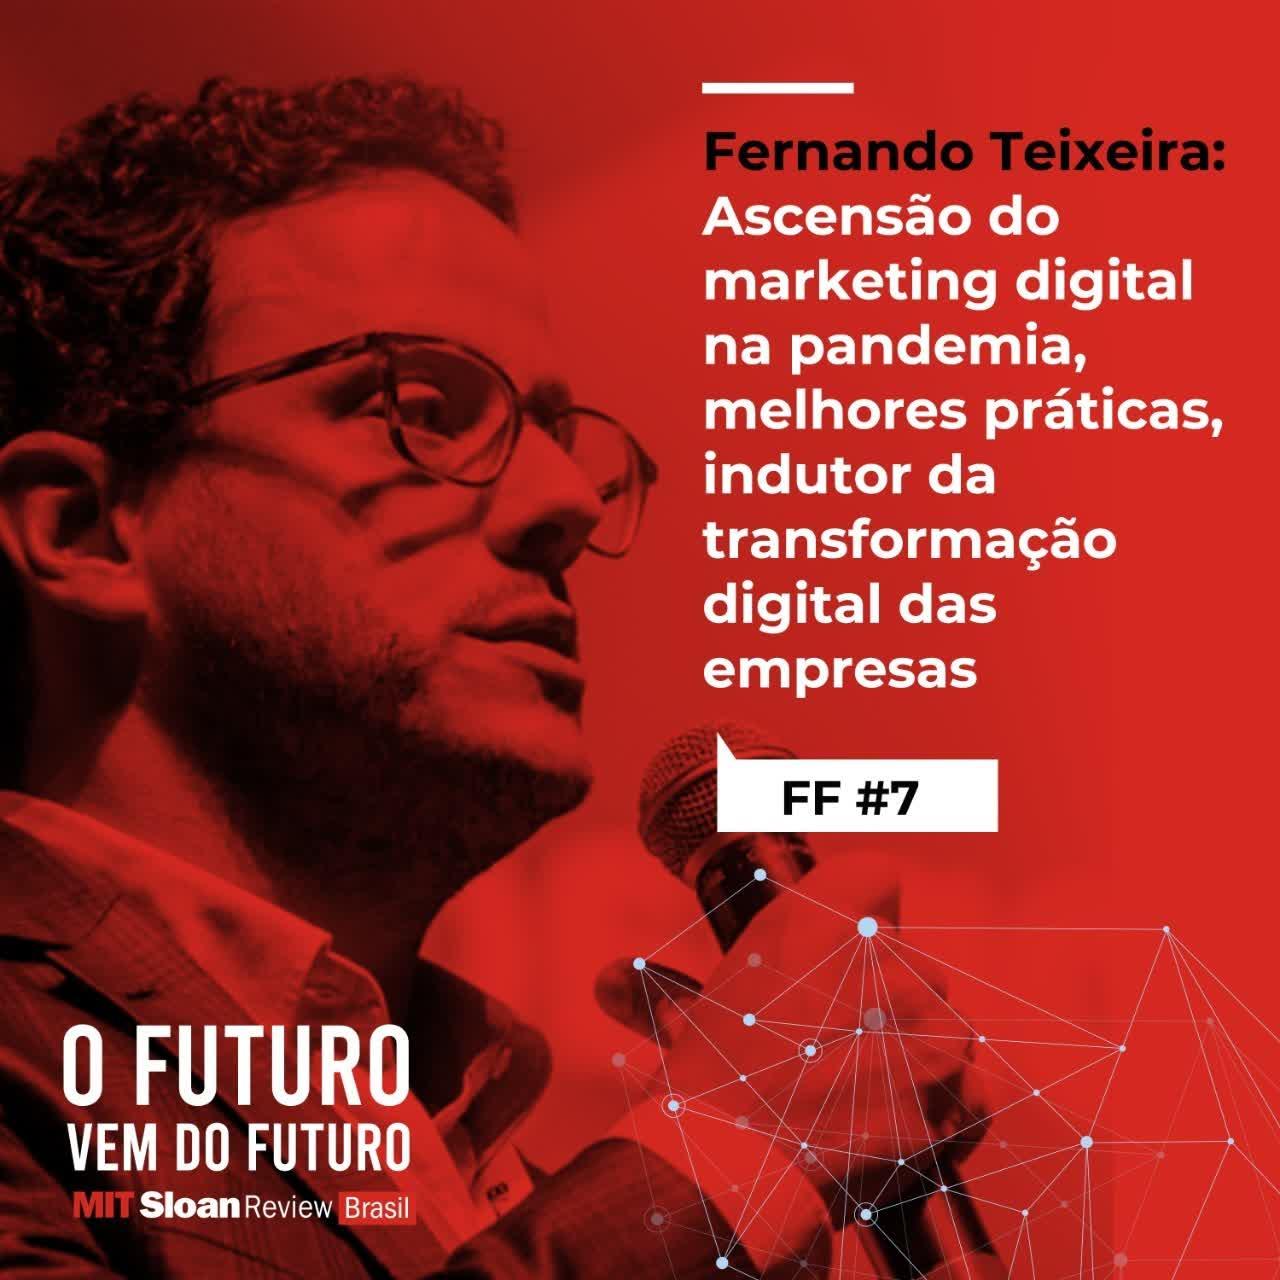 #7 - Fernando Teixeira: Ascensão do marketing digital na pandemia, melhores práticas, indutor da transformação digital das empresas